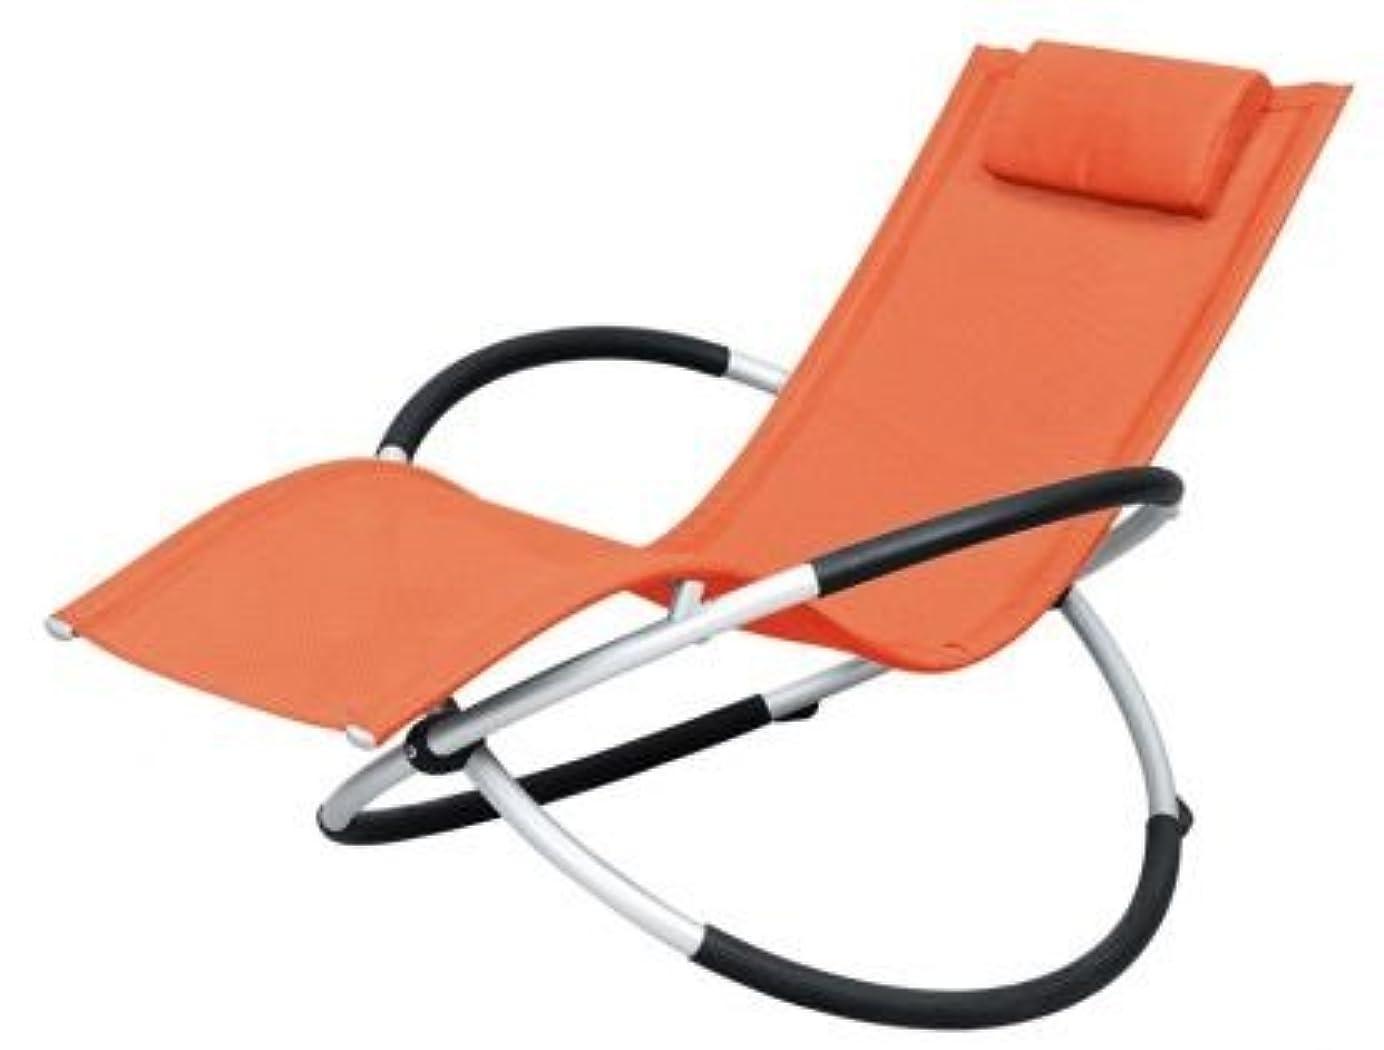 あいまい構成する疑いアウトドア!椅子 折りたたみ幅約25cm!憧れのロッキング チェアー バーベキュー ベランダ海 プール に! オレンジ